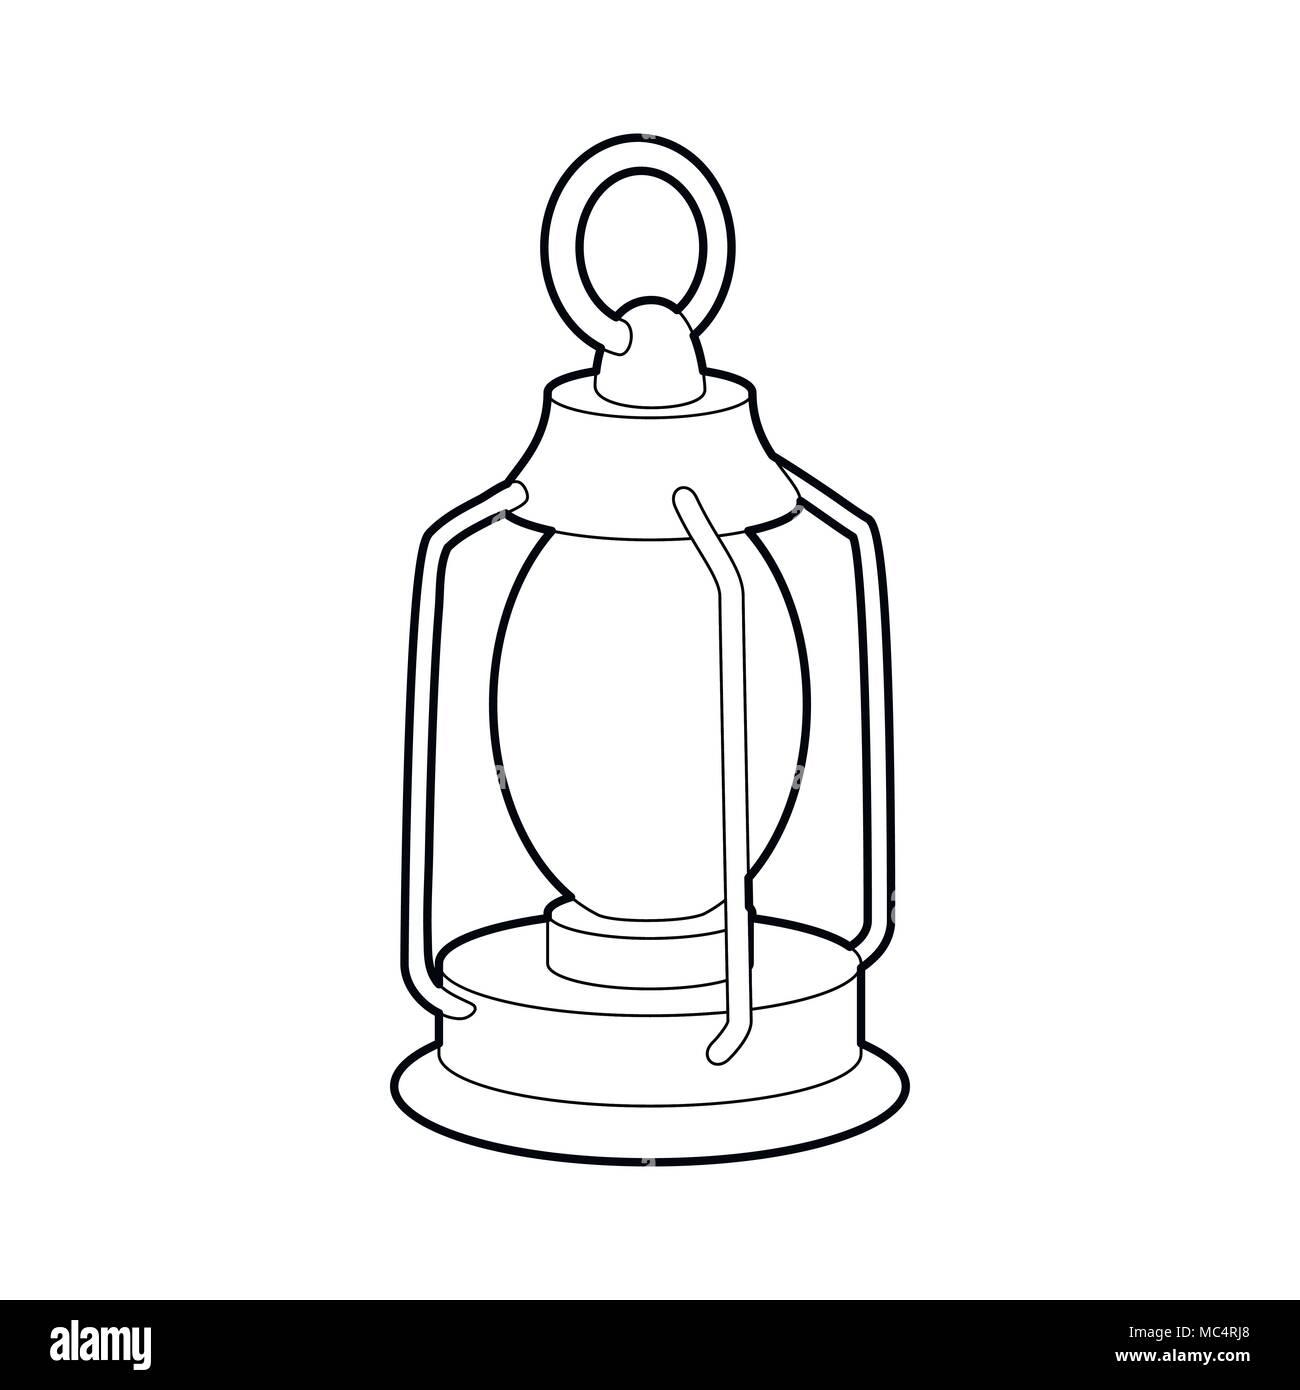 Kerosene lamp icon, outline style - Stock Image